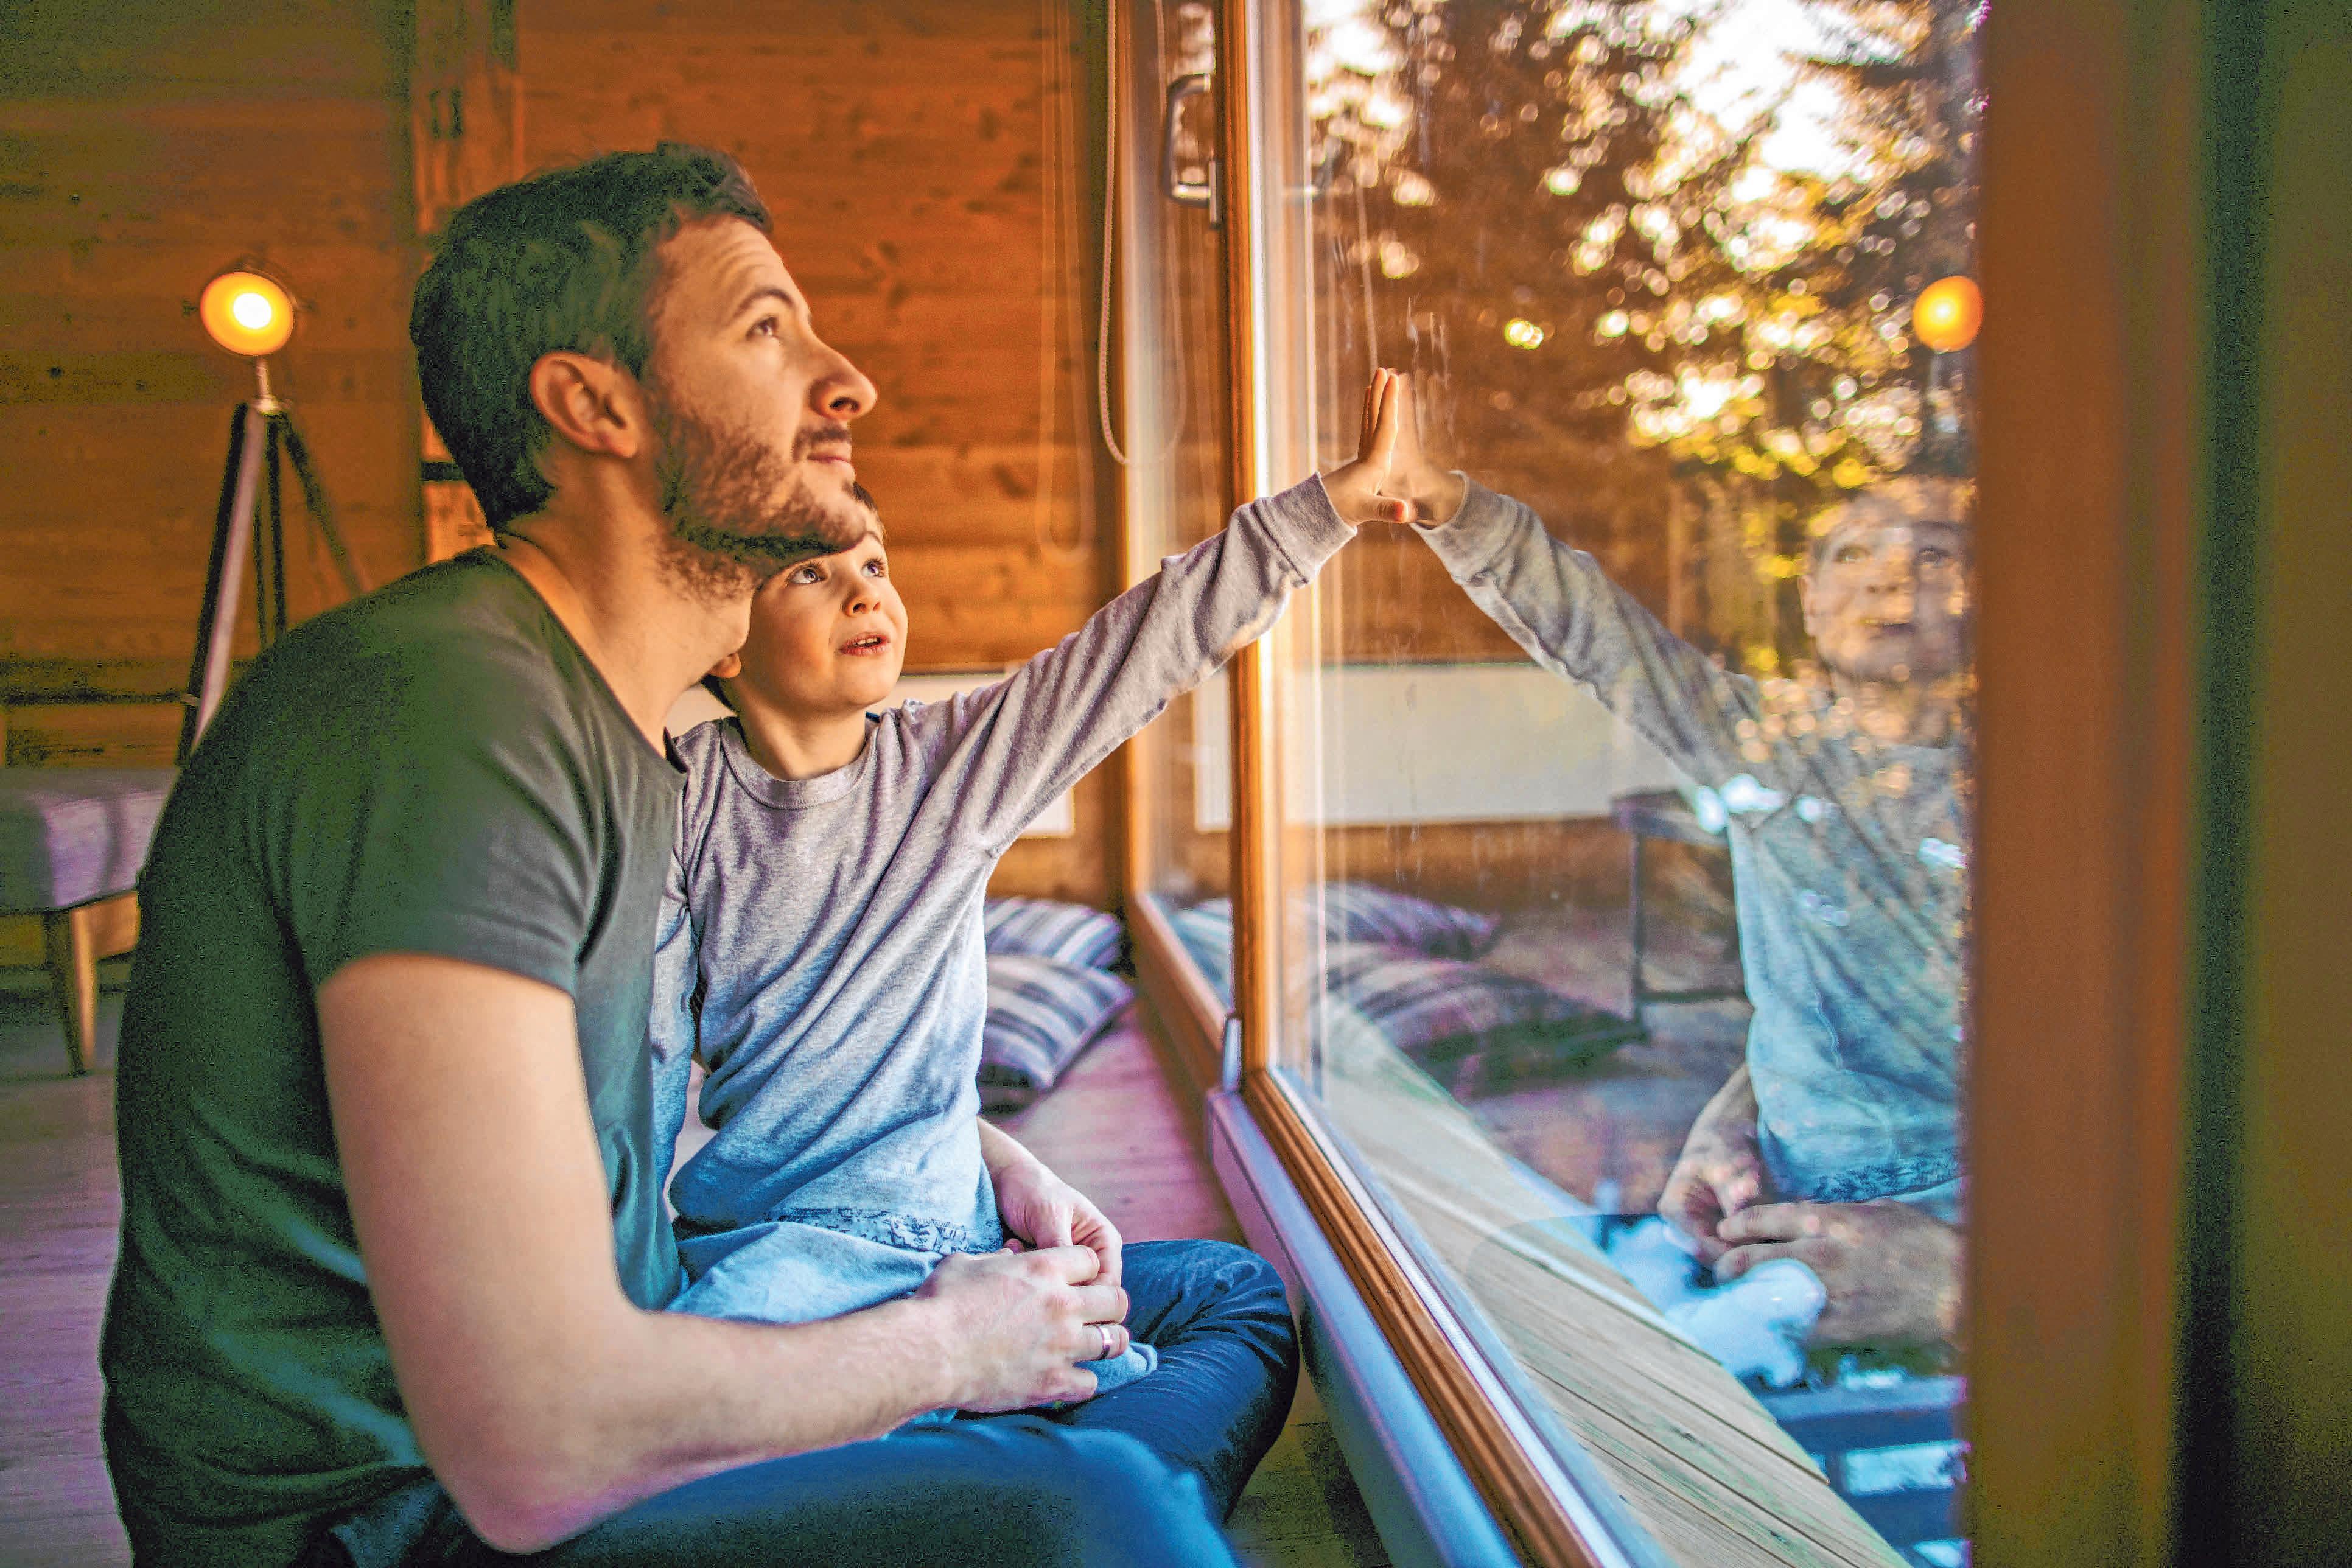 Kuschelig warm ist es in der kalten Jahreszeit nur dann, wenn Fenster- und Türdichtungen nicht durchlässig sind. FOTO: OH